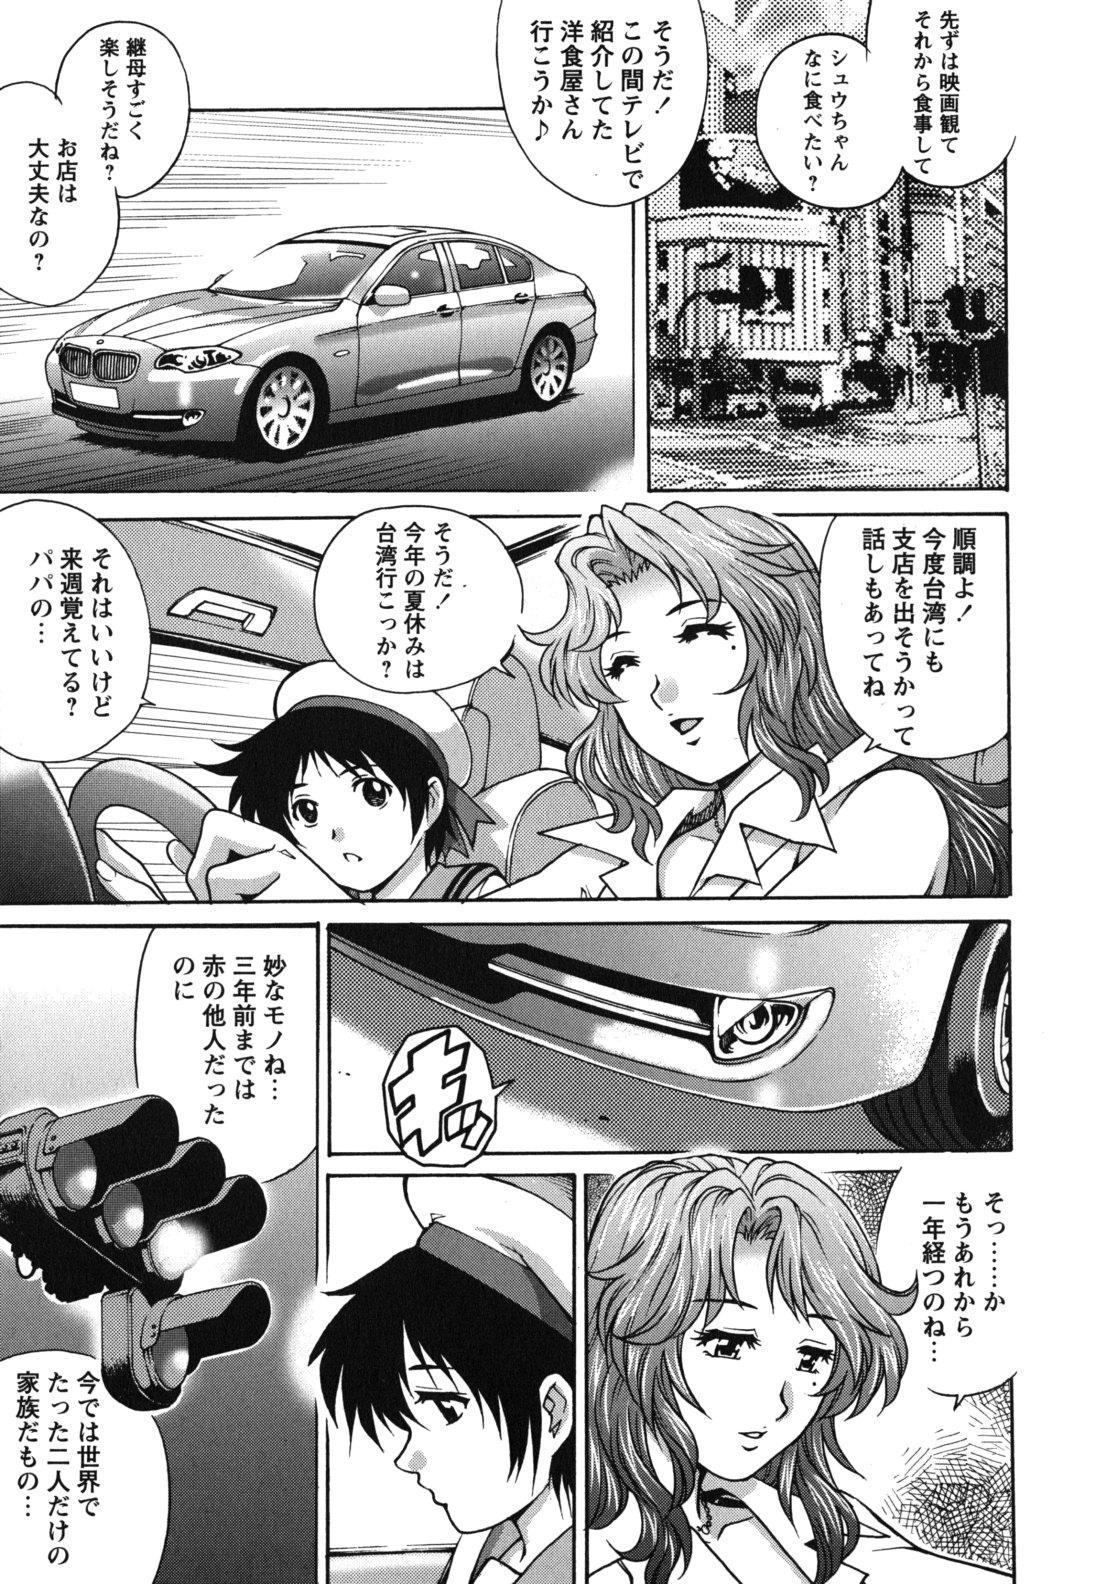 Hajimete no SEX 69